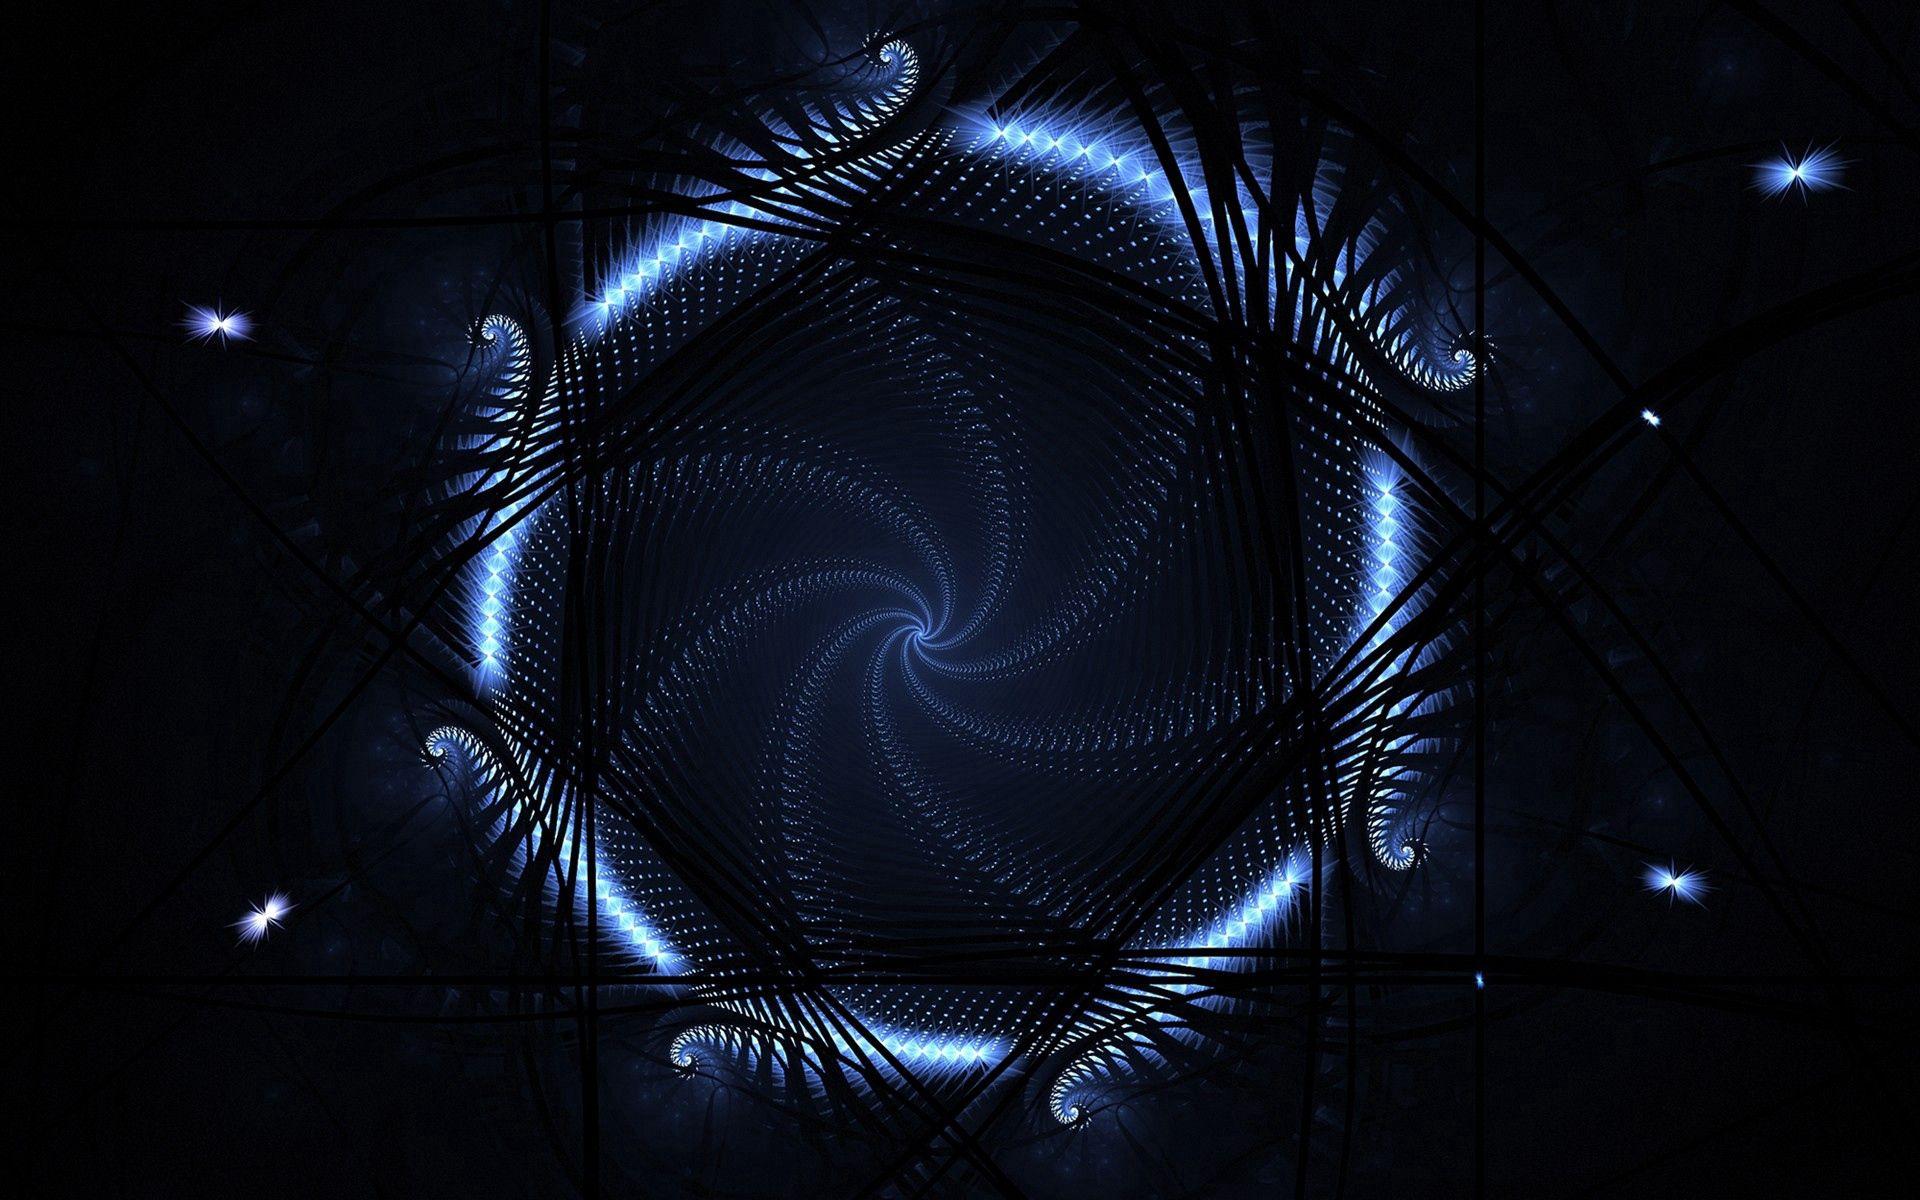 147263 Hintergrundbild herunterladen Neon, Scheinen, Abstrakt, Licht, Ein Kreis, Kreis - Bildschirmschoner und Bilder kostenlos